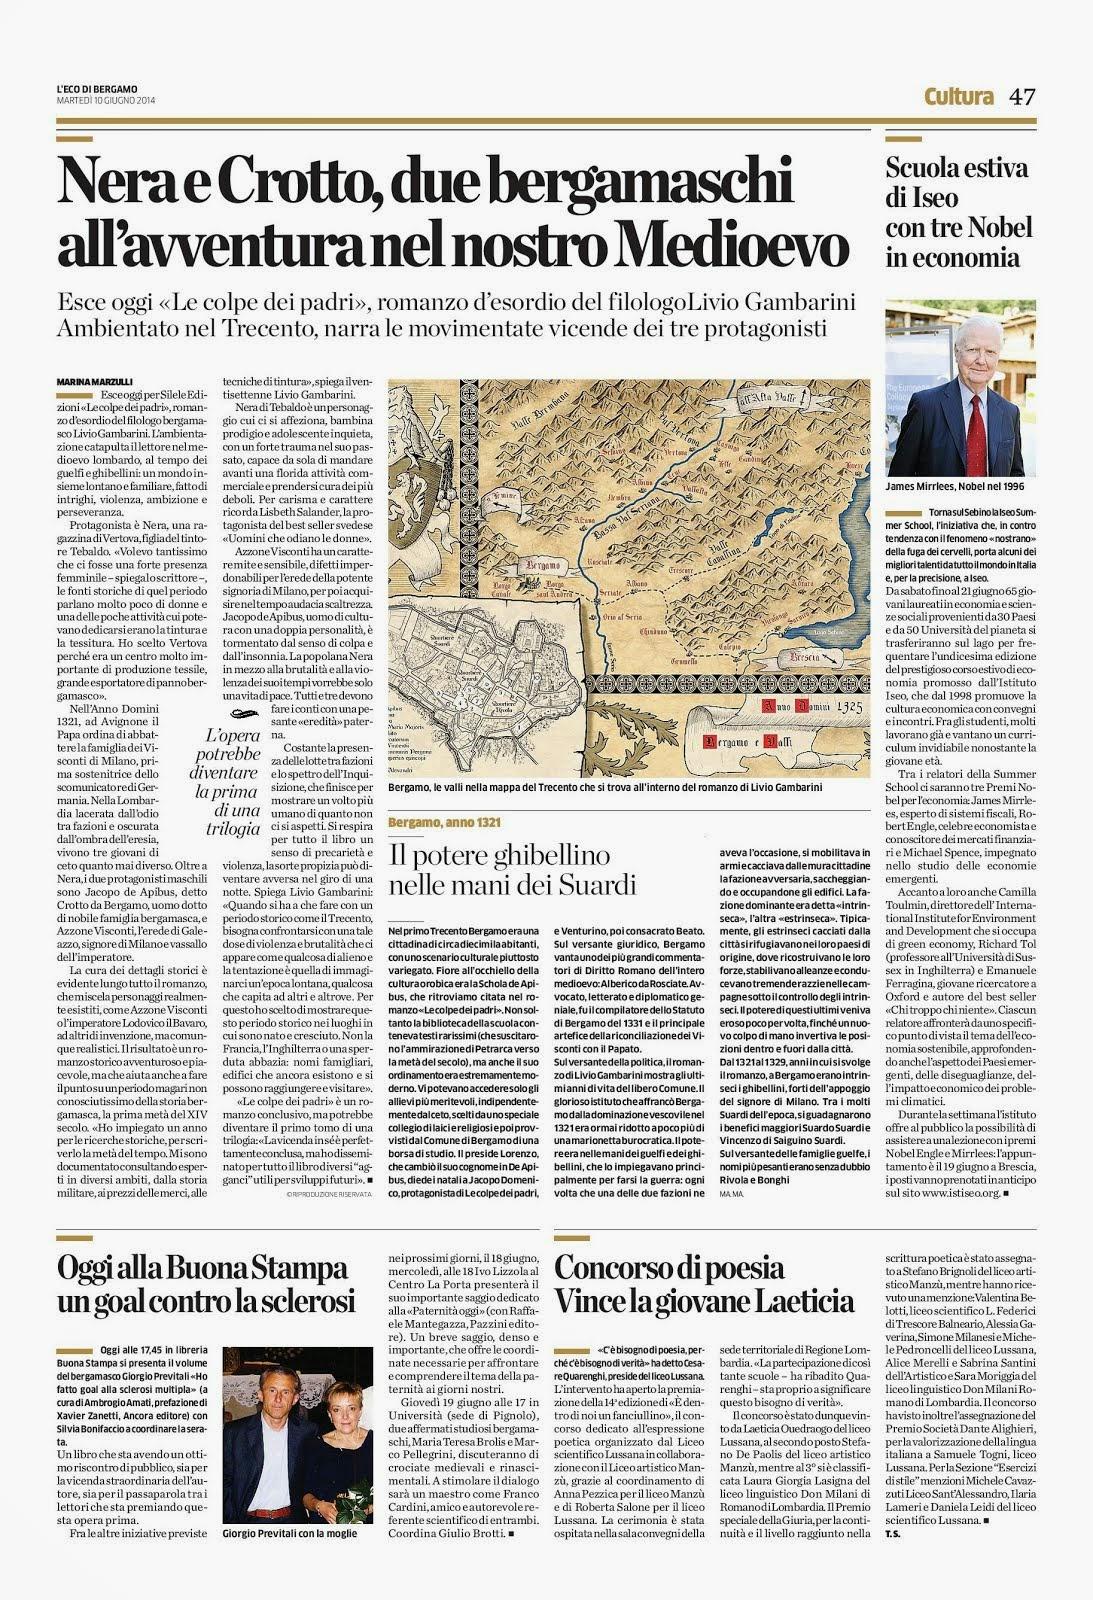 Articolo sull'Eco di Bergamo